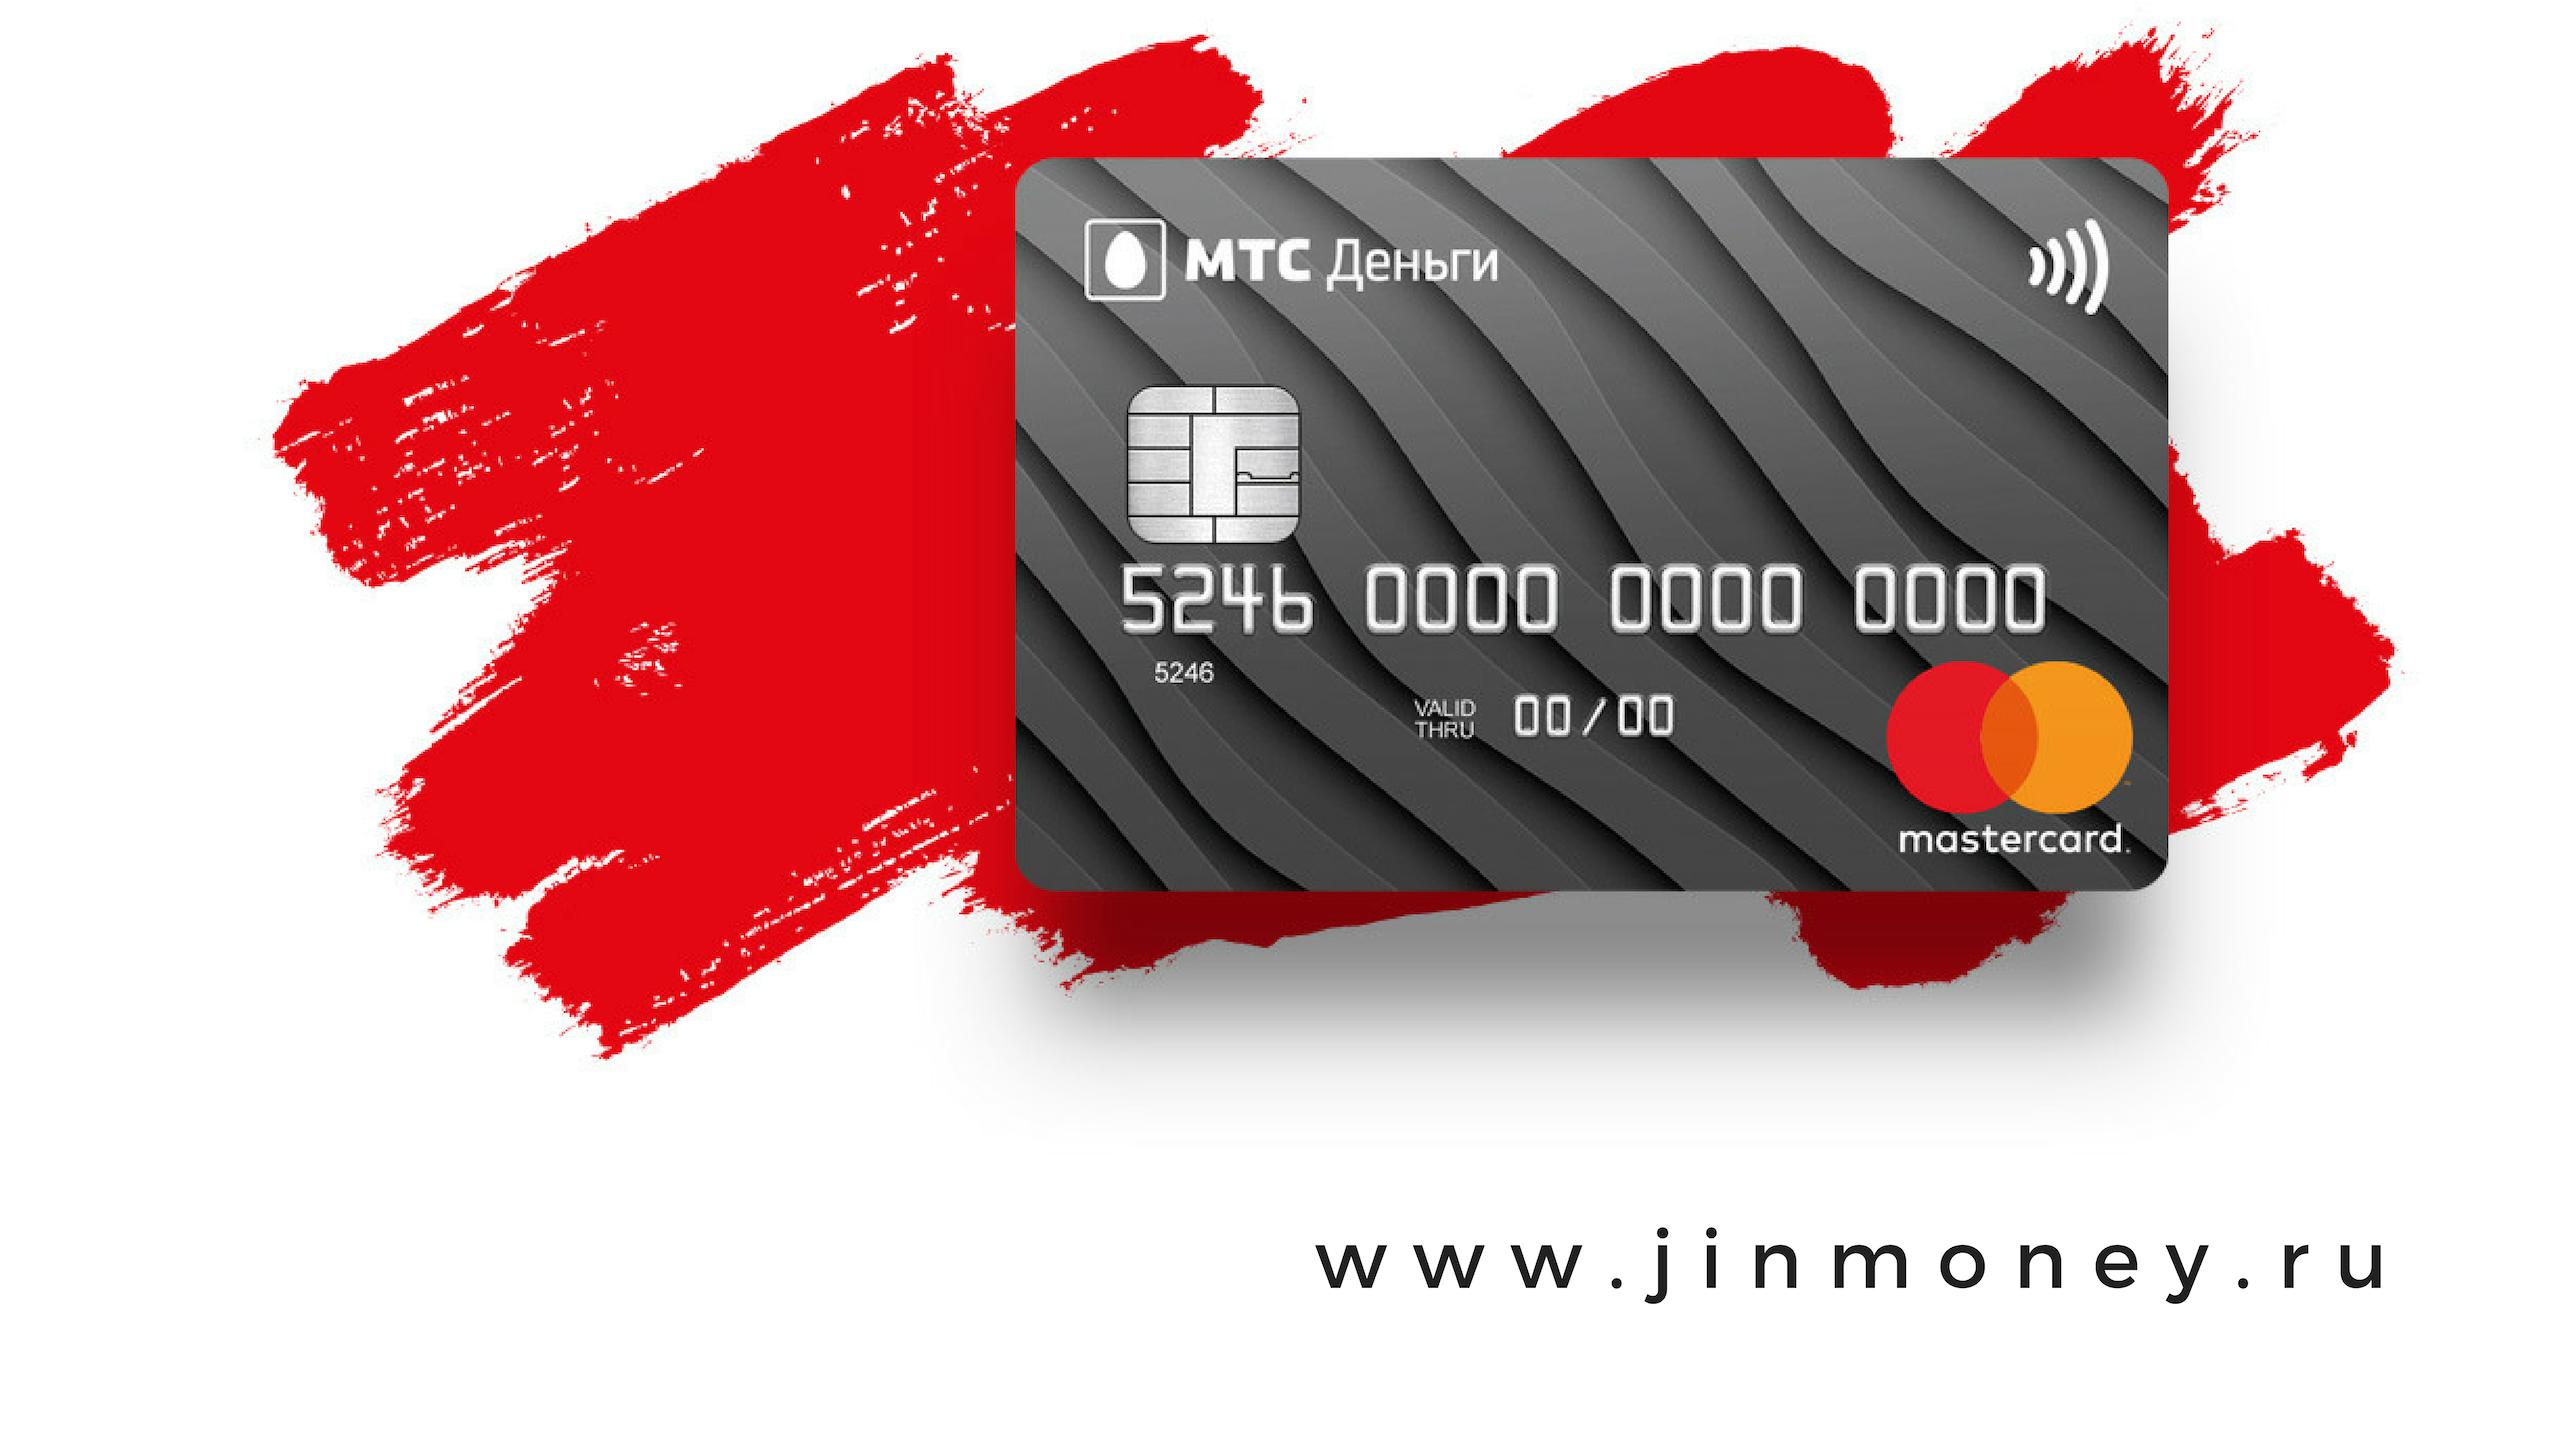 кредитная карта мтс зеро